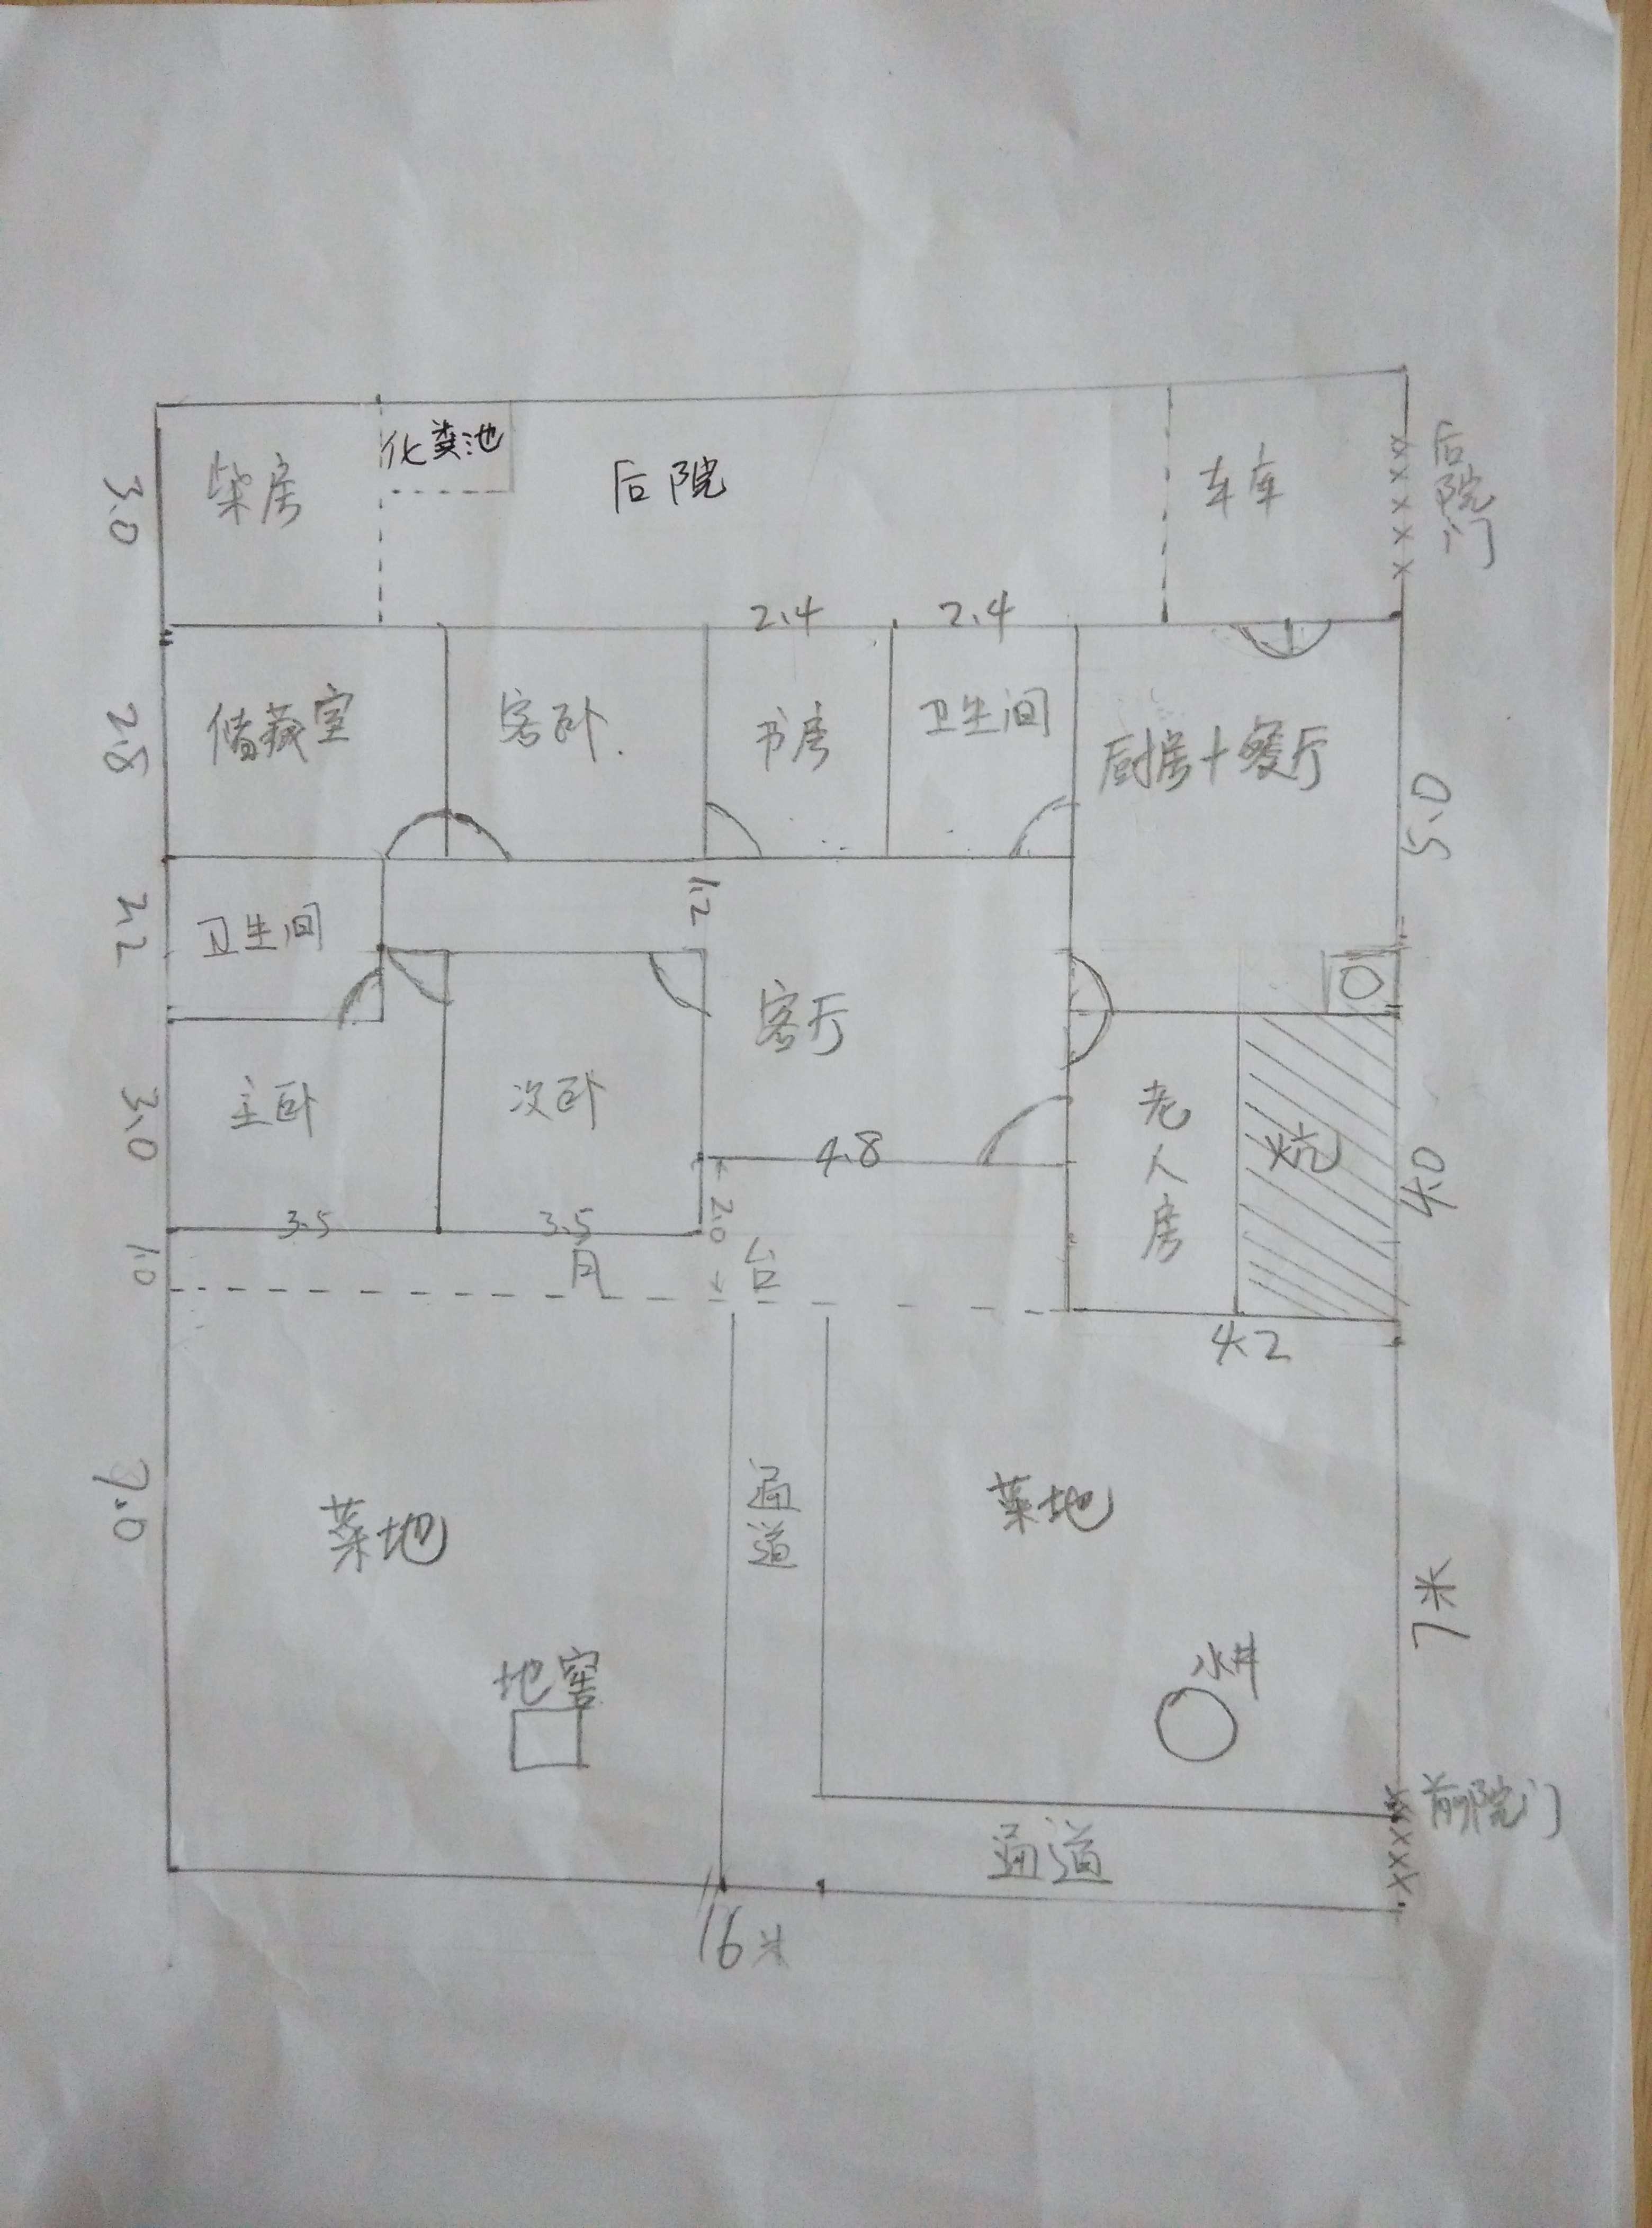 请大家看看我得农村房屋设计图,对我下面的问题给出答案,重谢